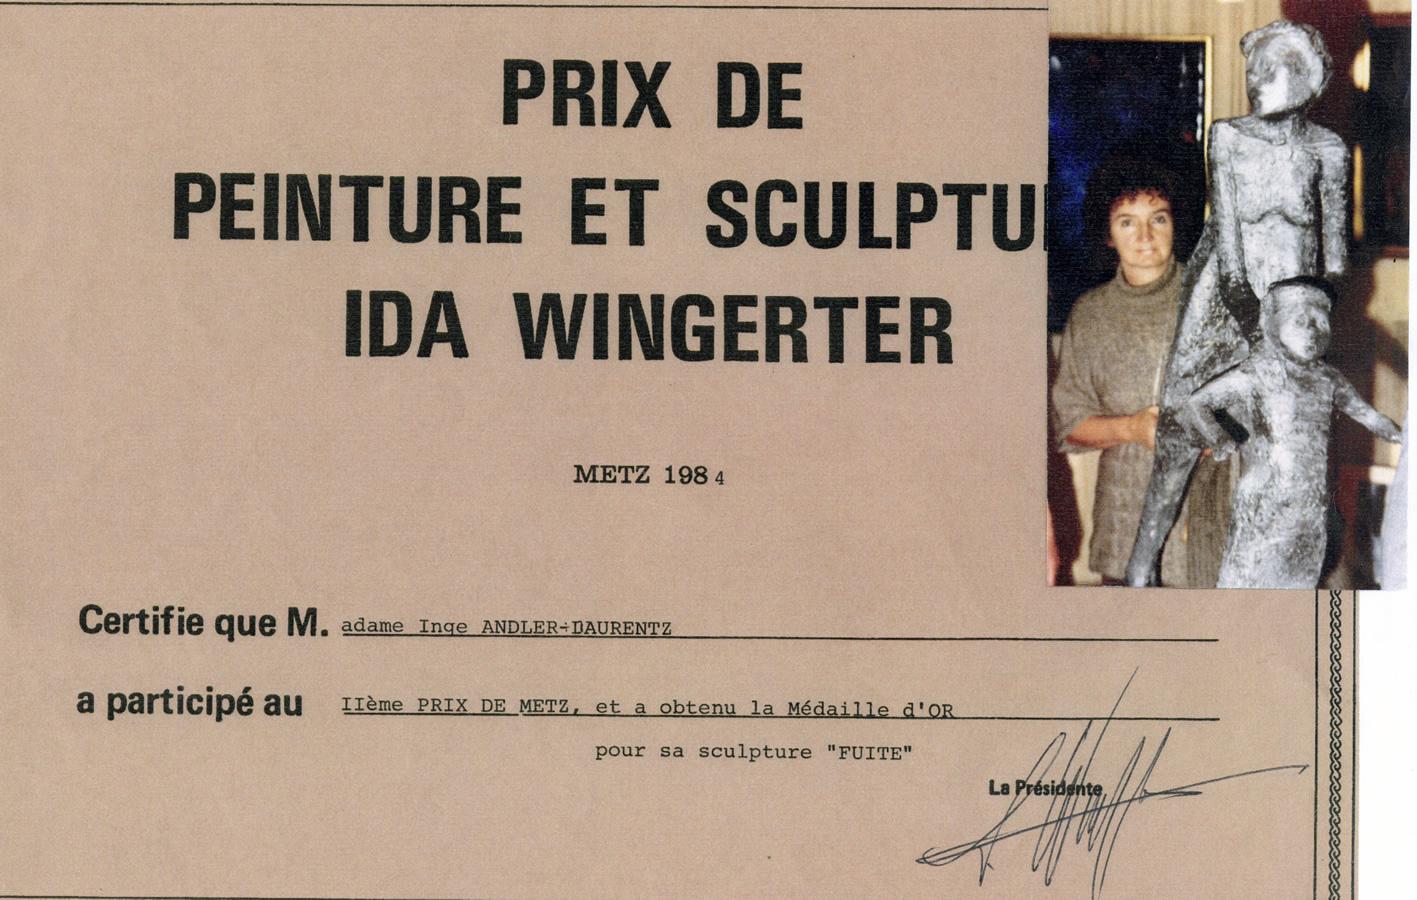 Prix de Peinture et sculpture, Metz 1984